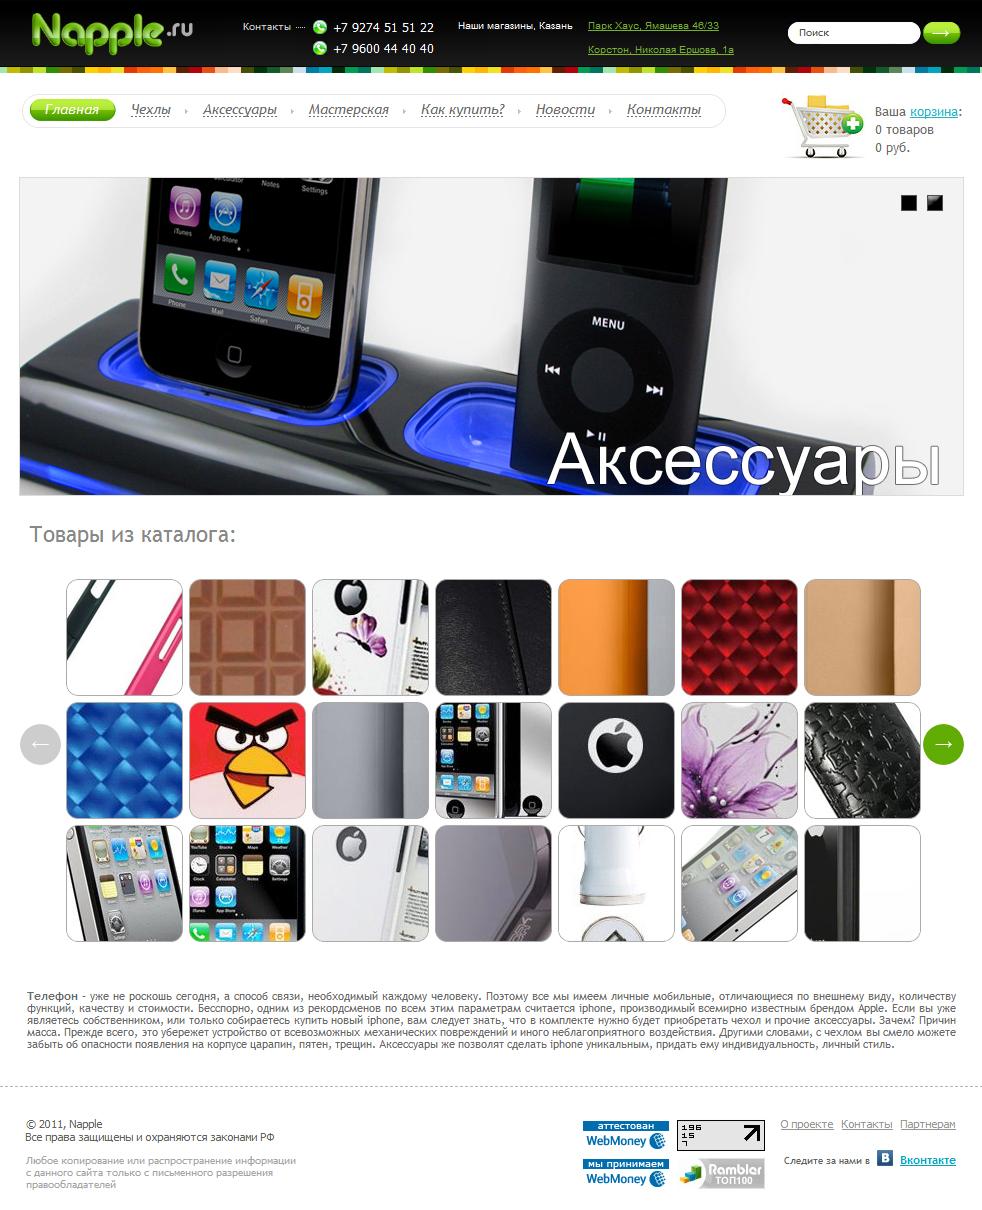 nApple.ru - магазин аксессуаров для продукции apple